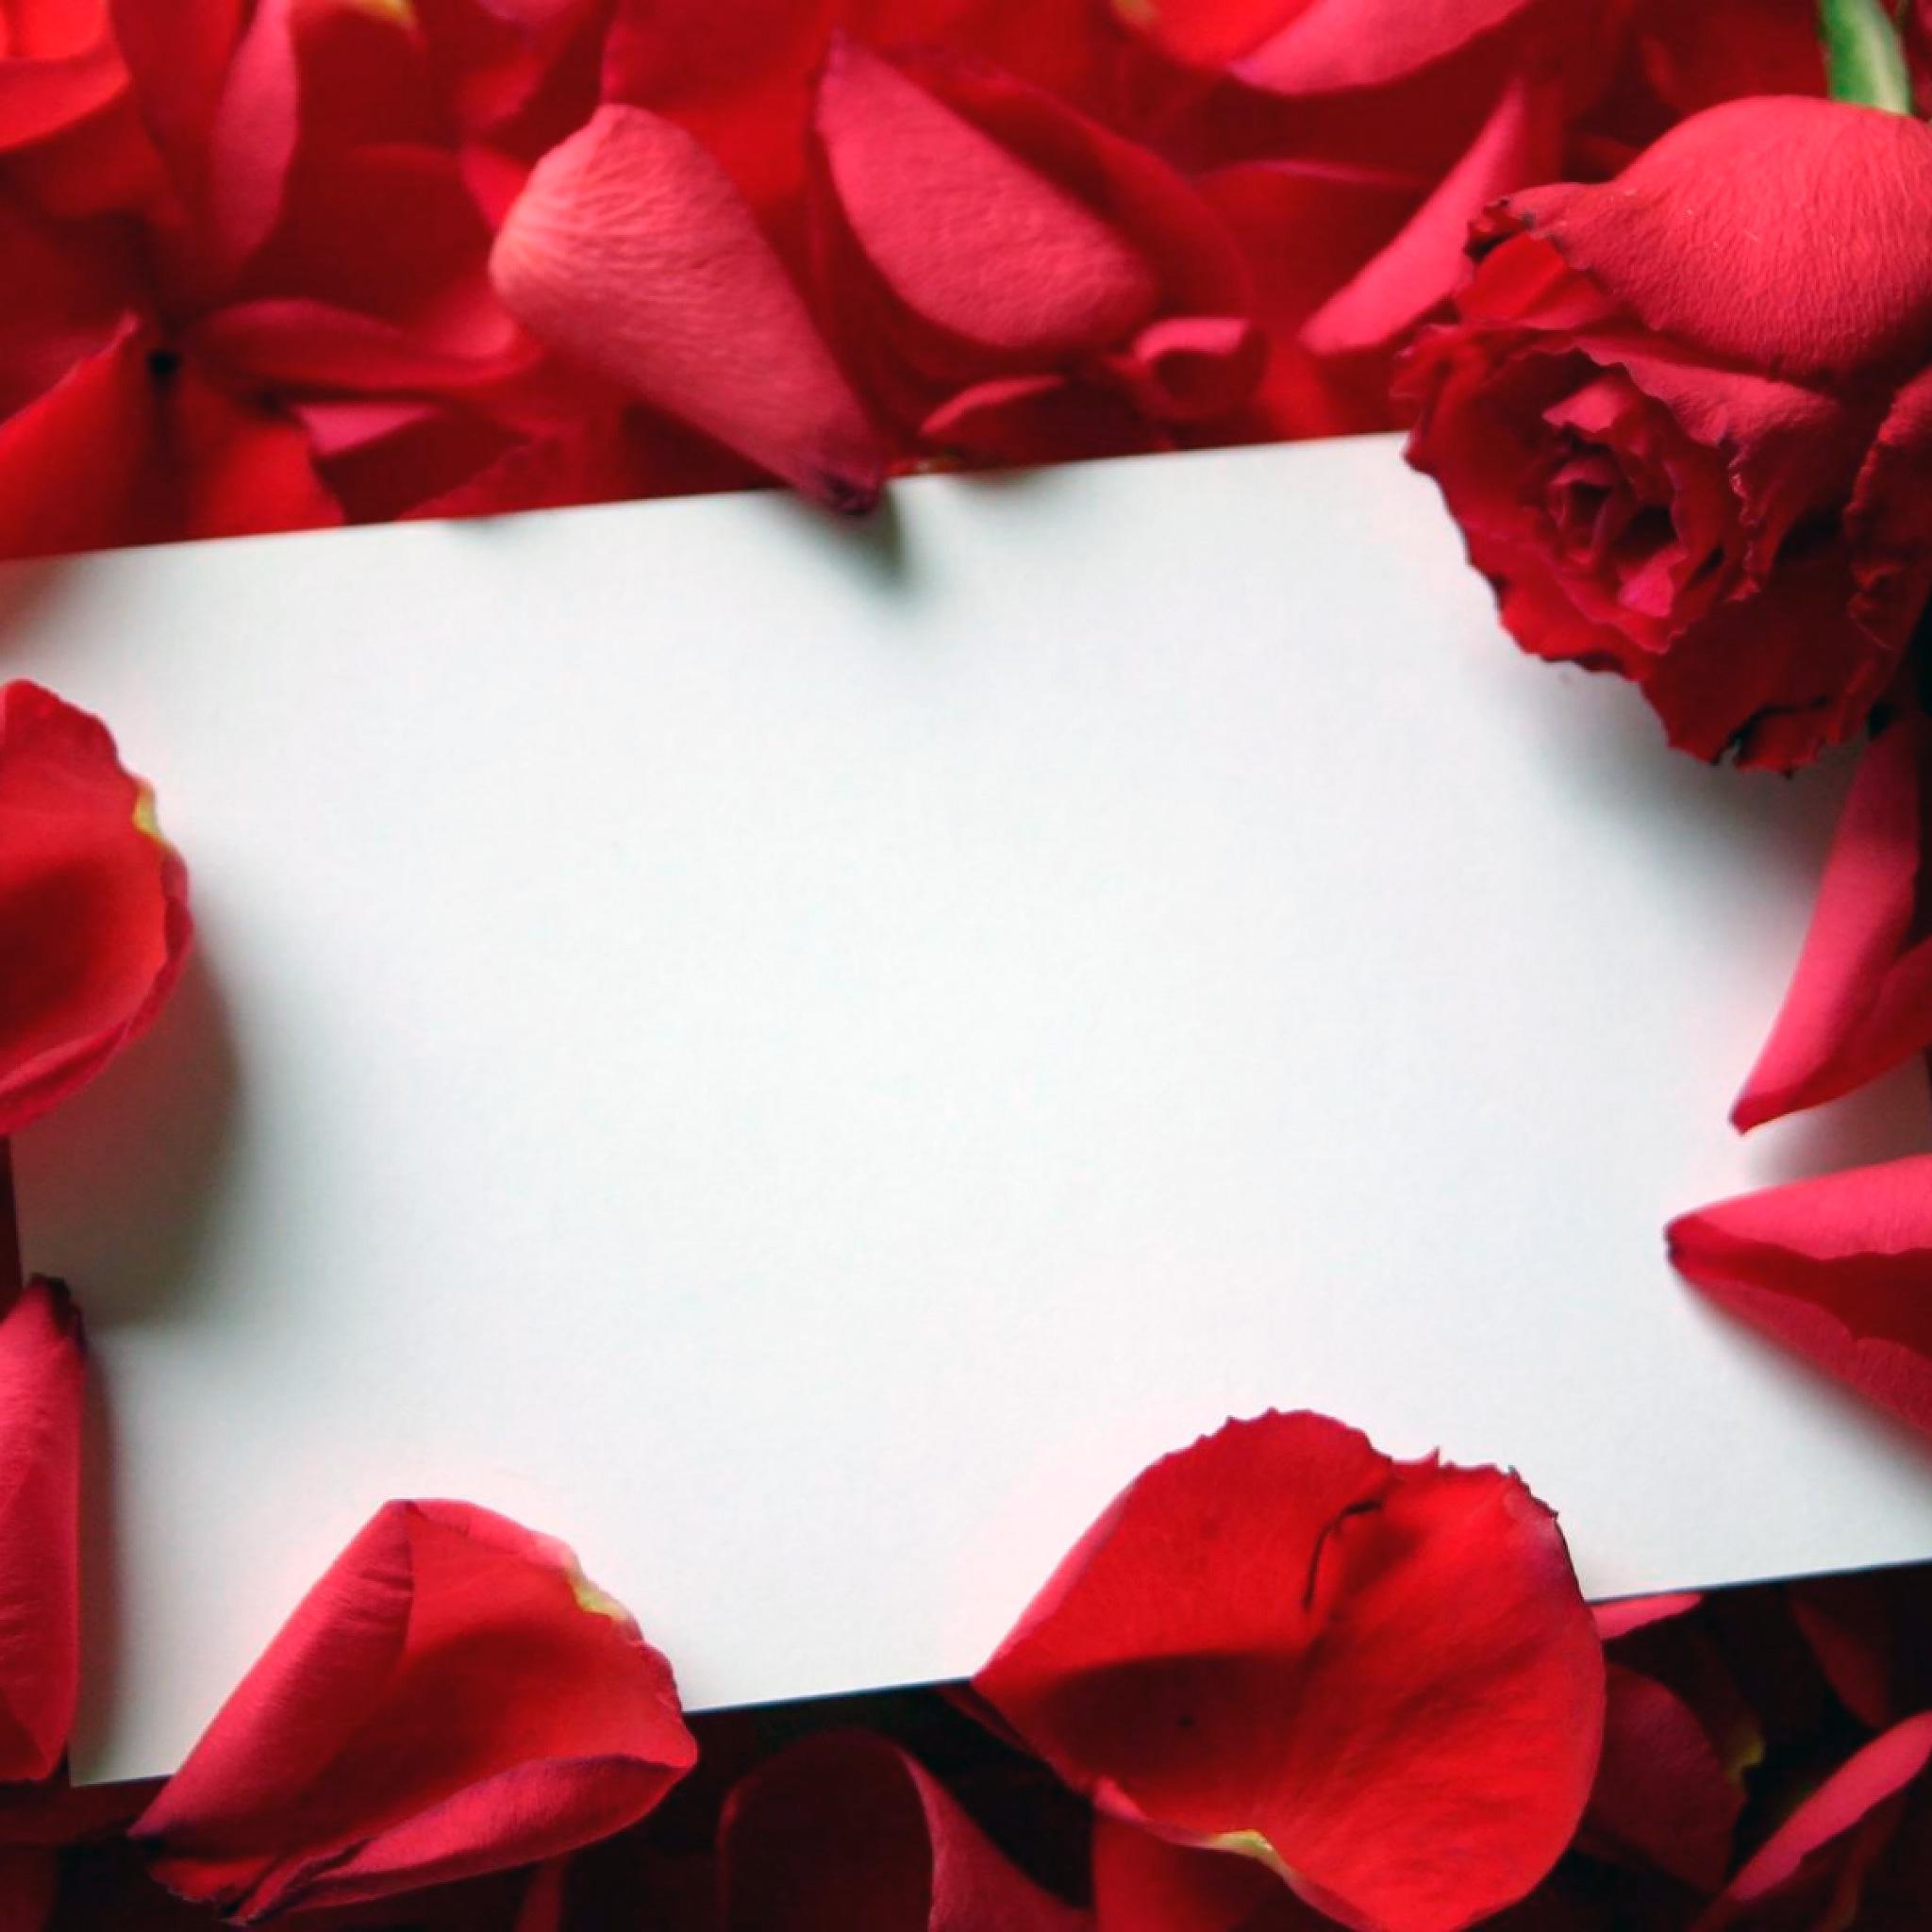 Любовная открытка со словами, поздравления шахтеров открытки